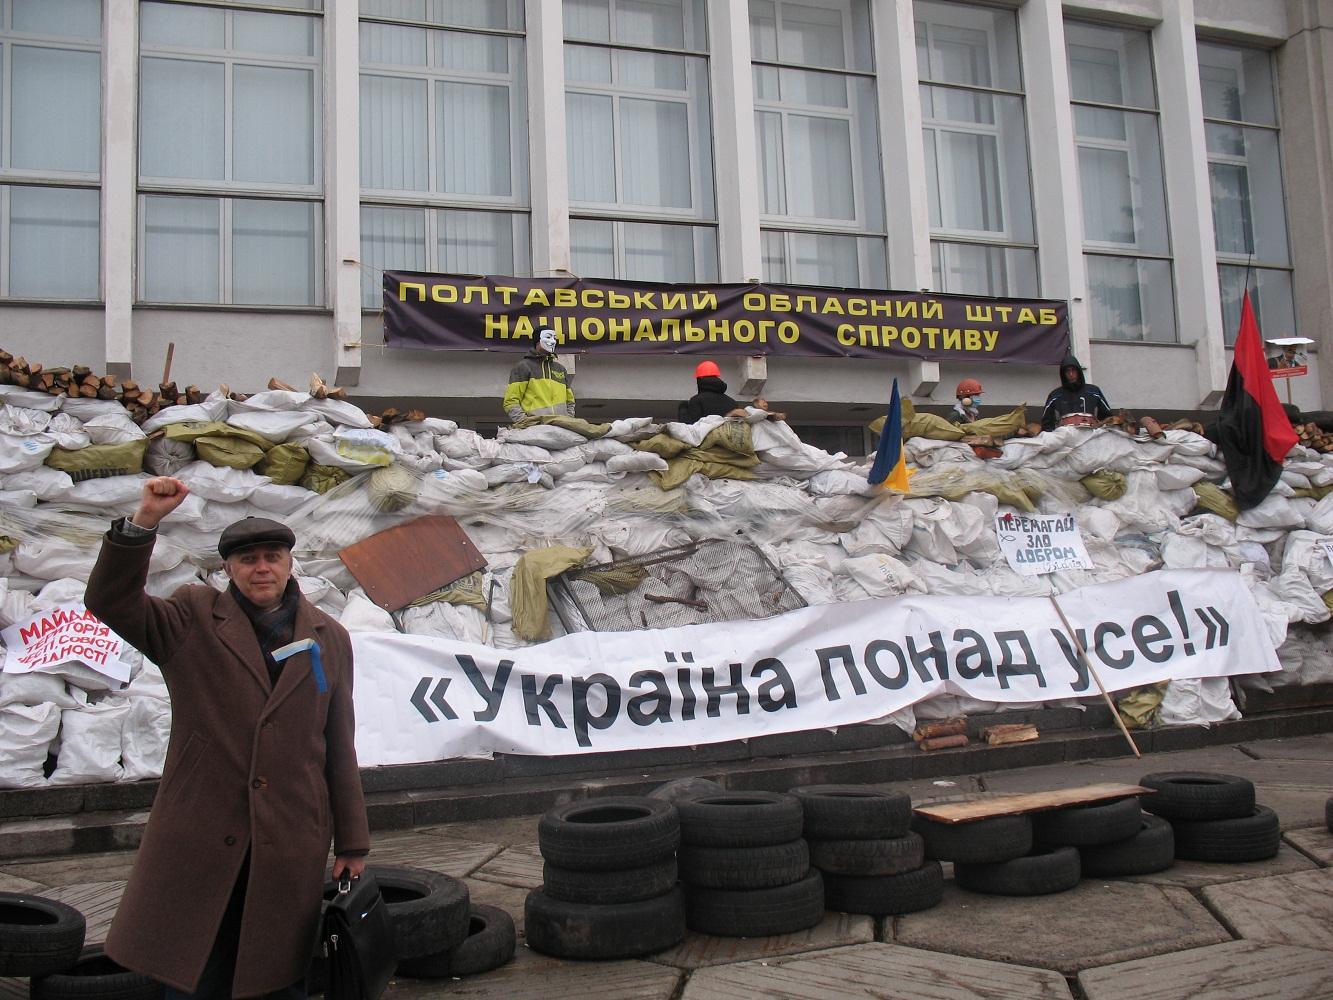 Протести на Полтавщині розпочалися 22 листопада 2013 року